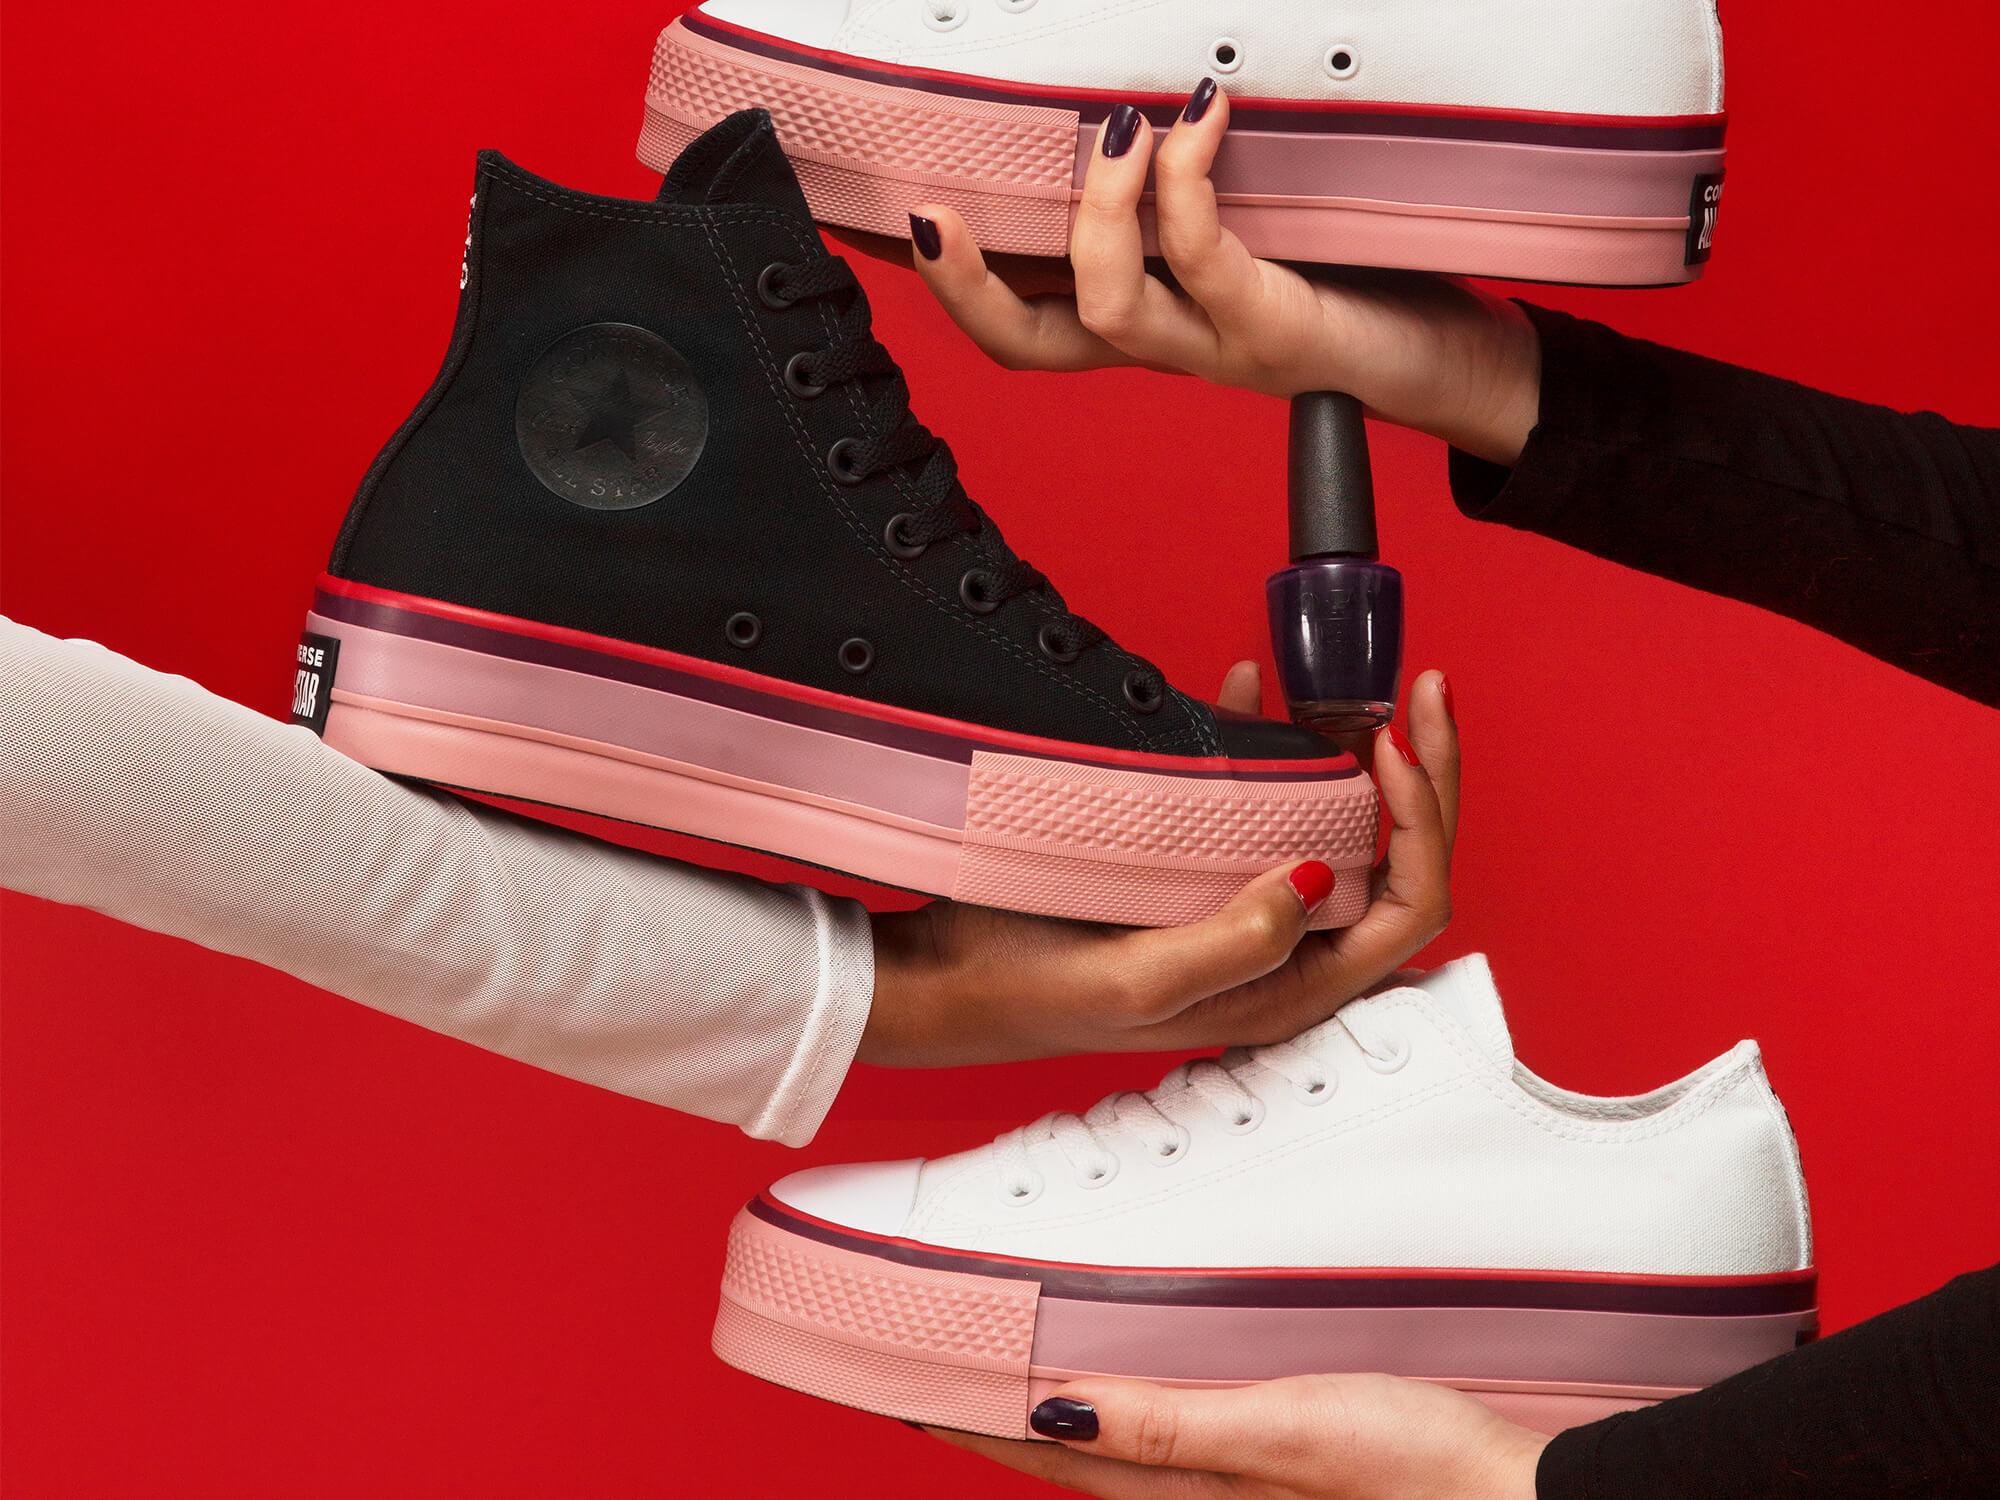 Converse là một trong các hãng giày sneaker nổi tiếng được nhiều người trên thế giới sử dụng